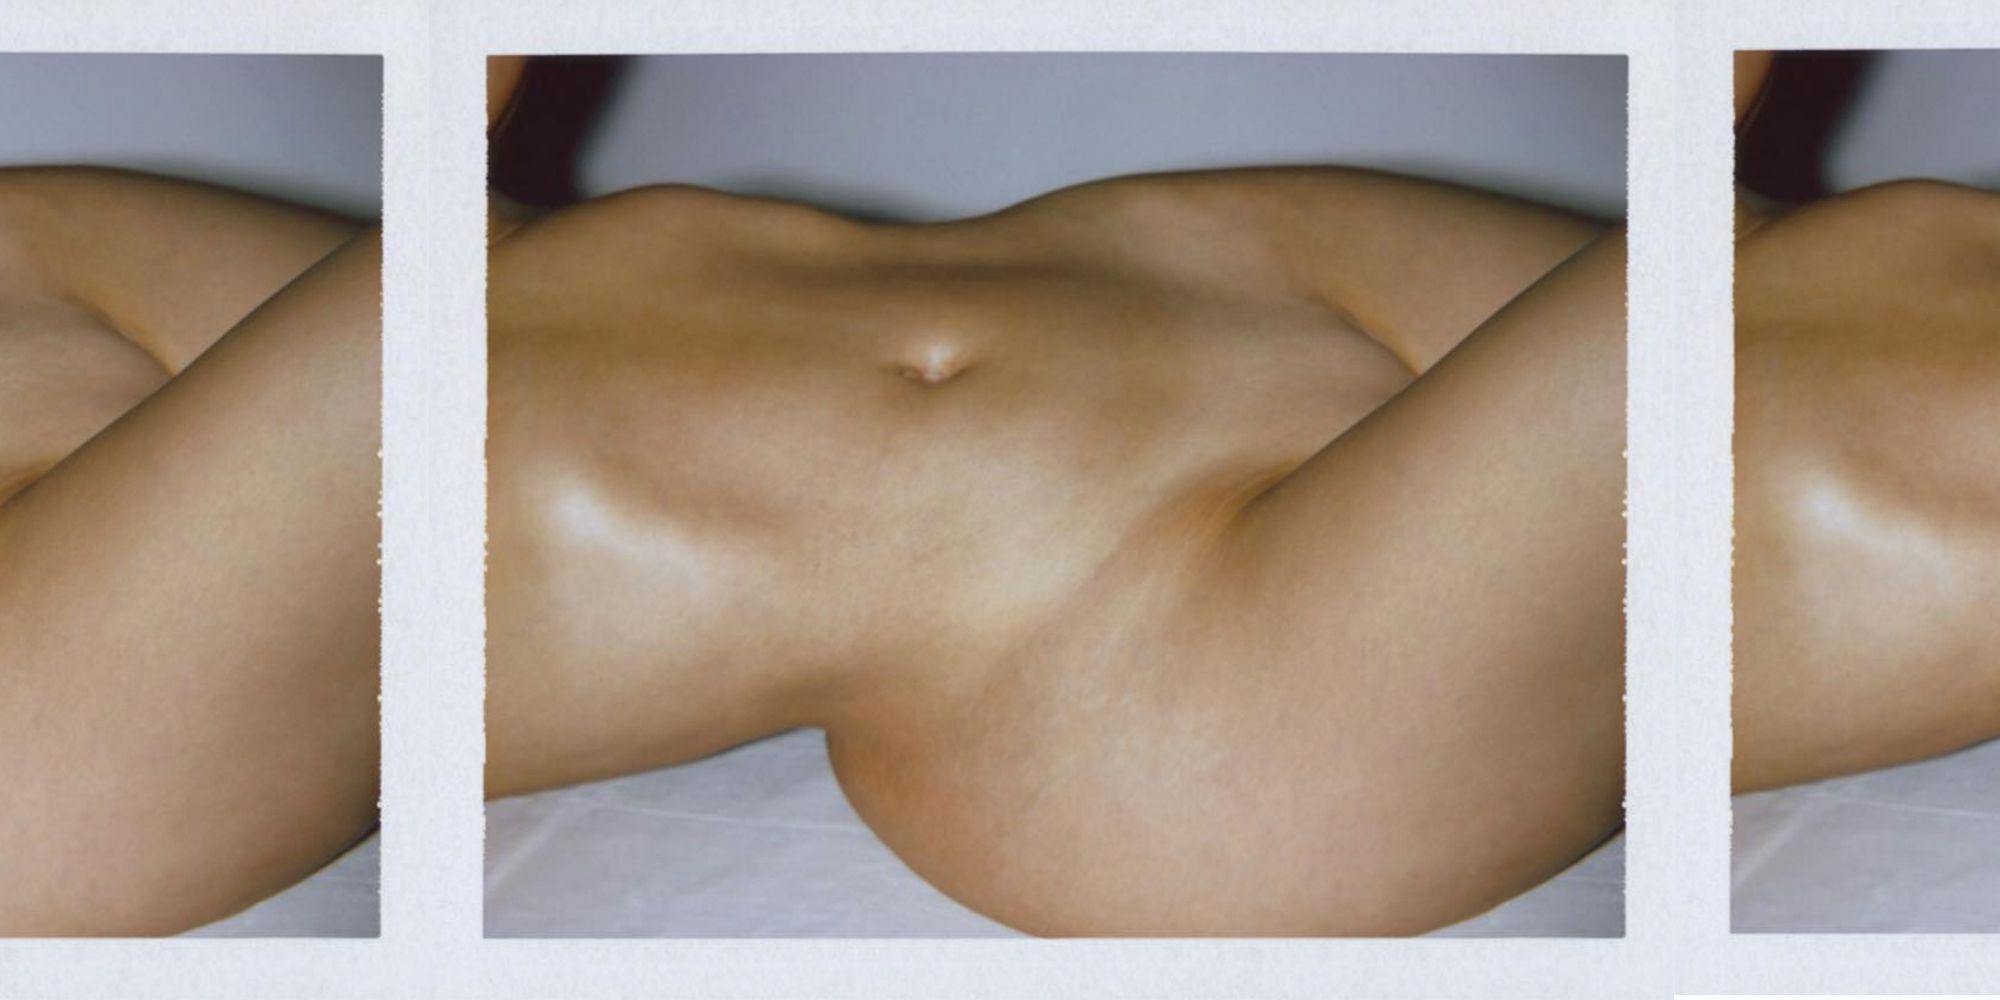 Kim Kardashian naked body perfume